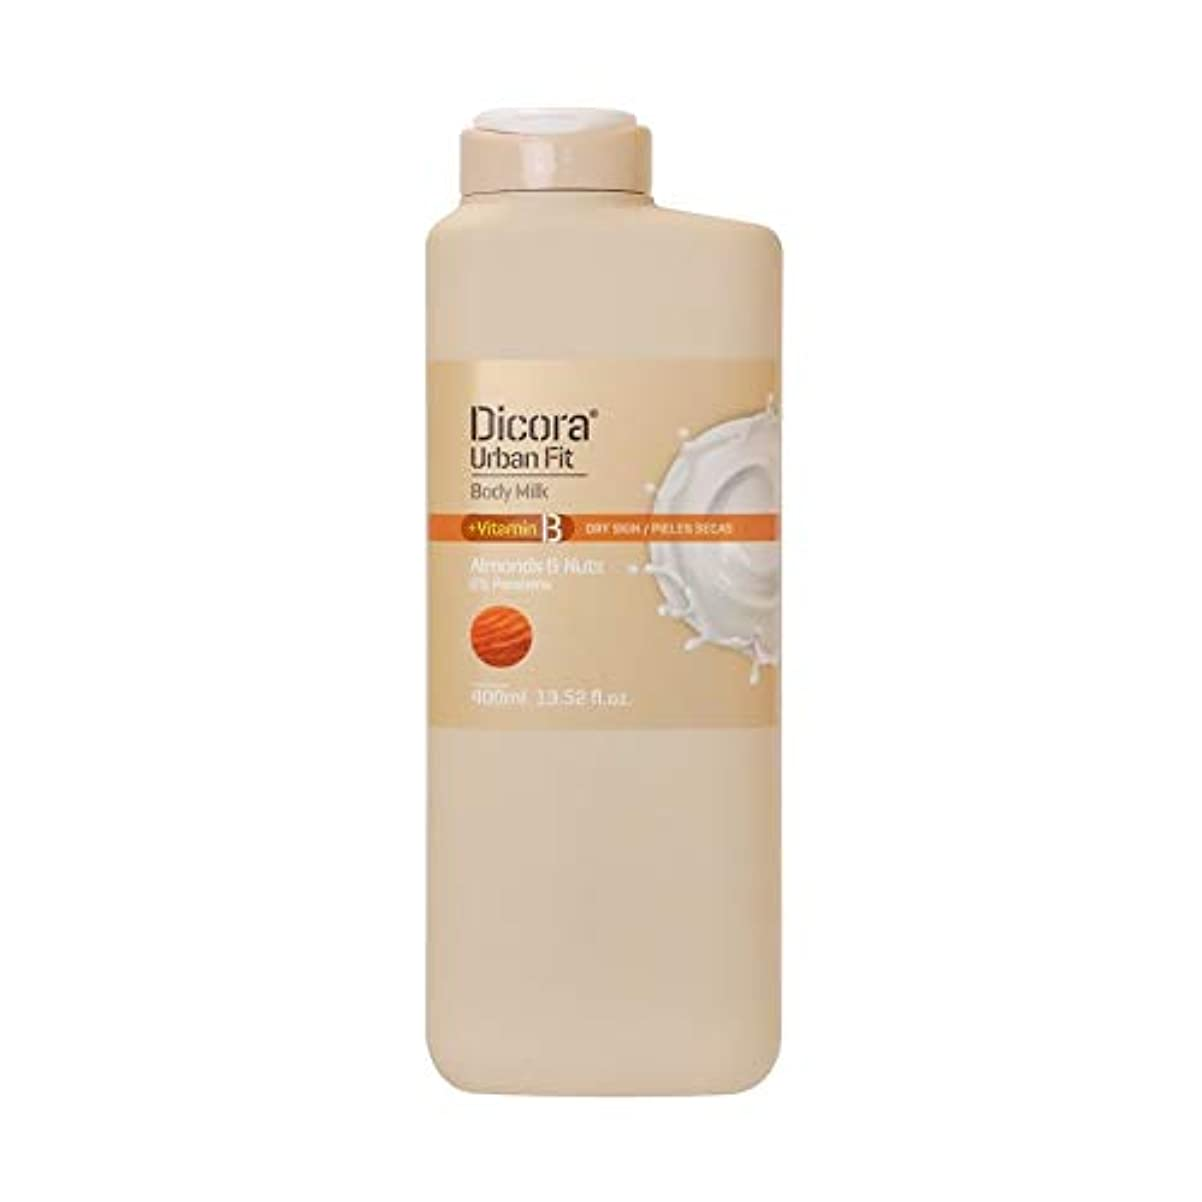 医療過誤フレア極めて重要なDicora(ディコラ) ディコラ アーバンフィット シャワージェル MK&ML 400ml ボディクリーム アーモンド & ナッツの香り